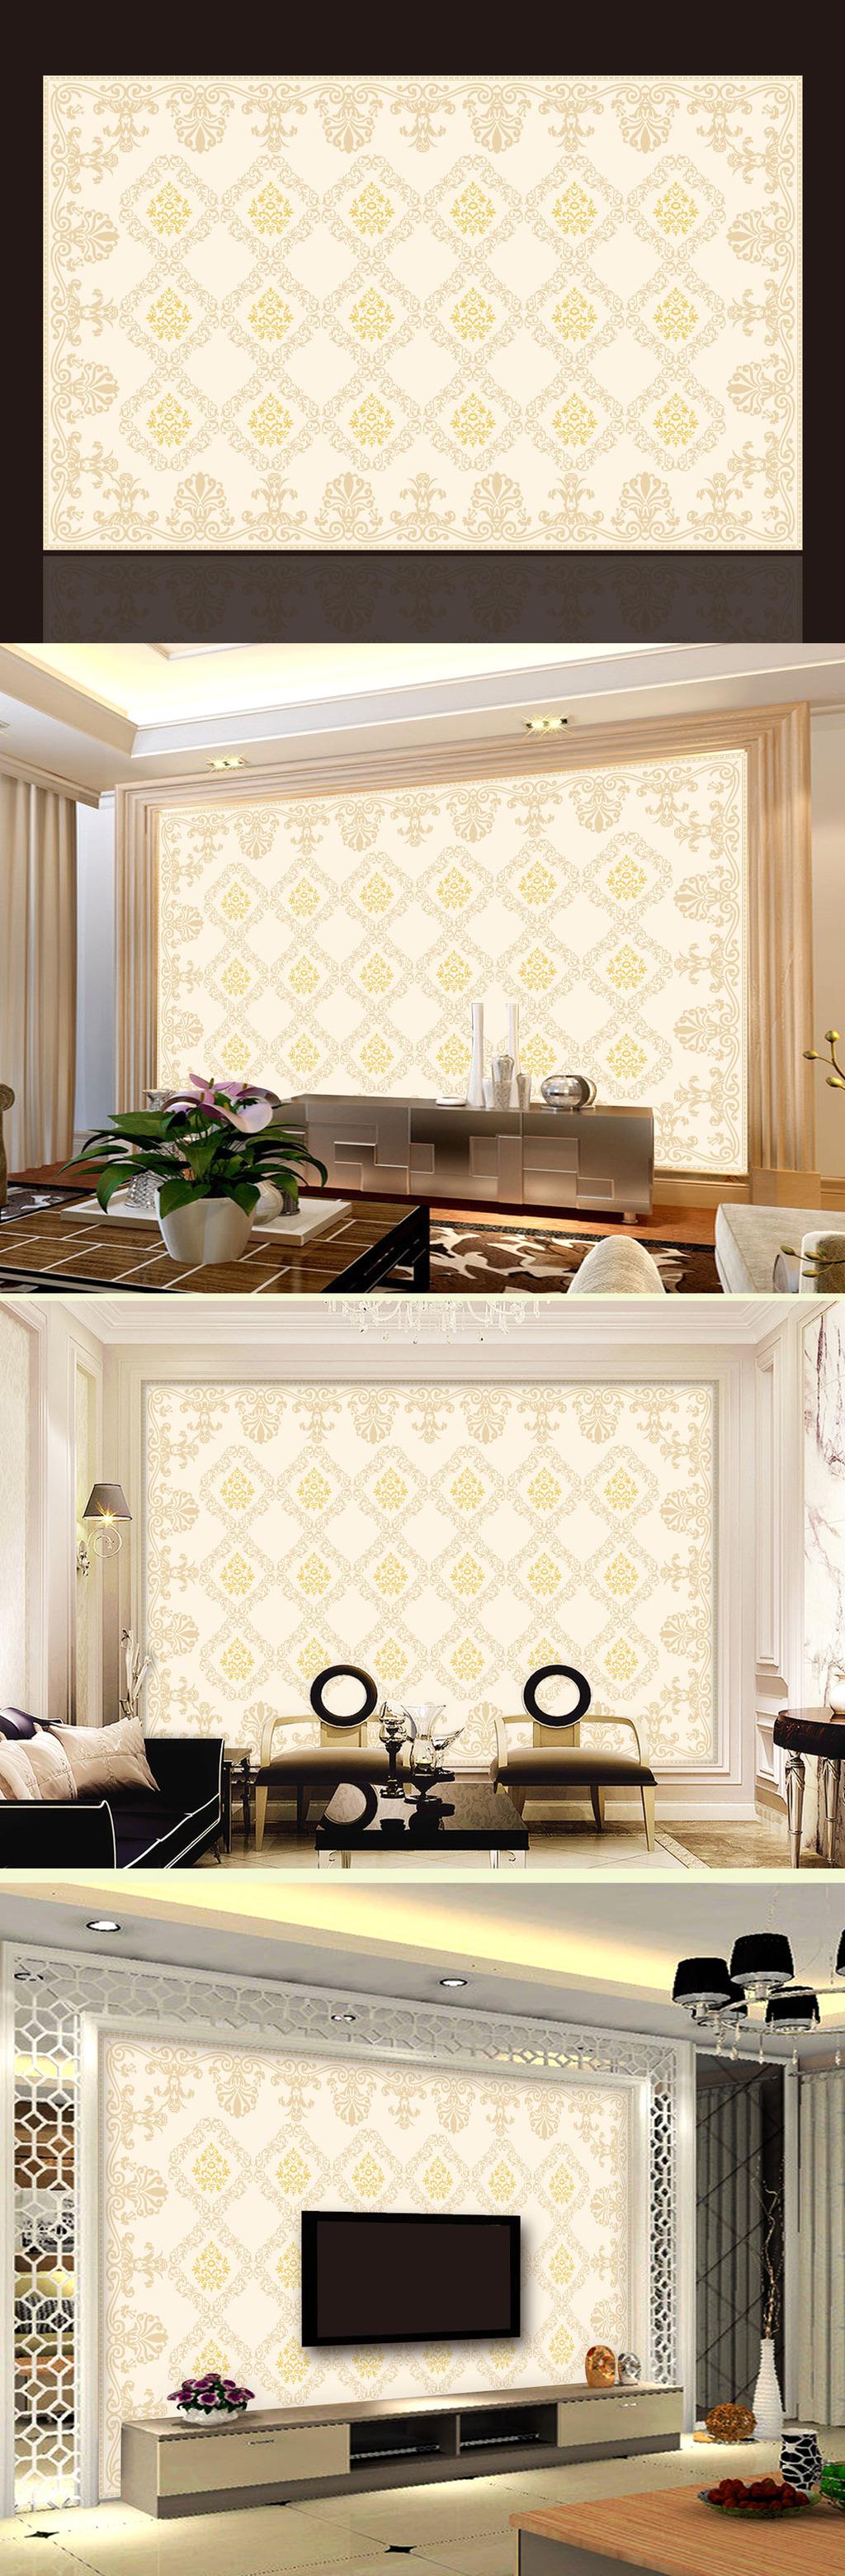 欧式花纹底纹壁画电视背景墙